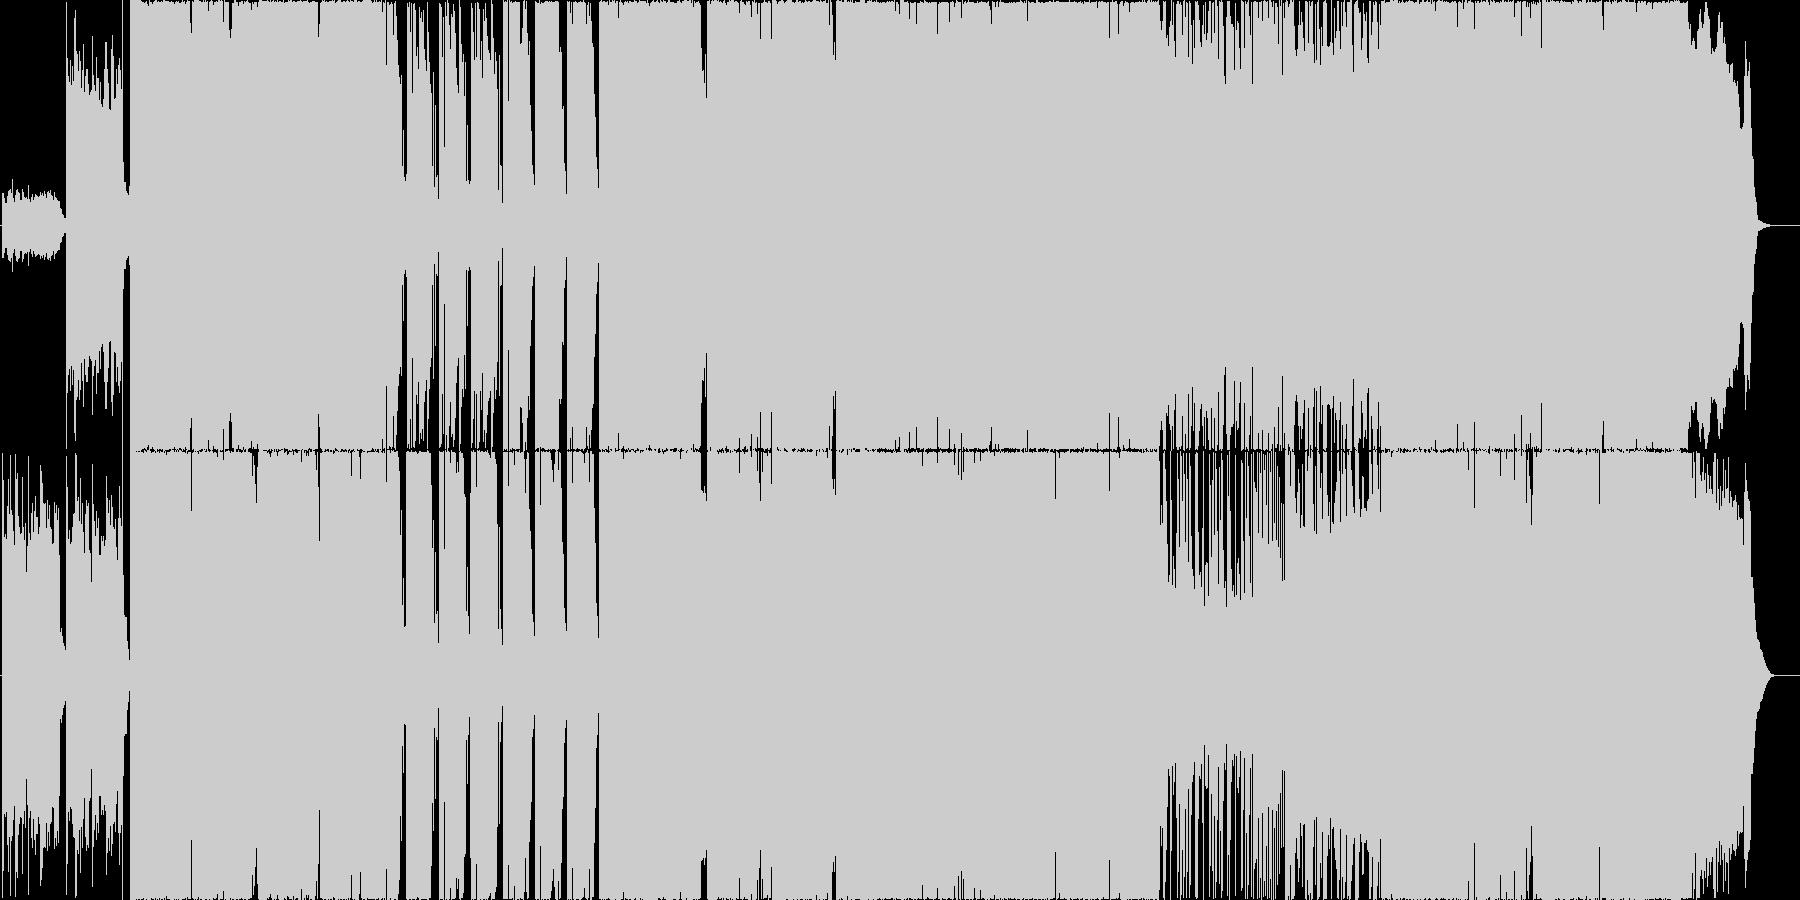 ハードロック風ギターインストの未再生の波形